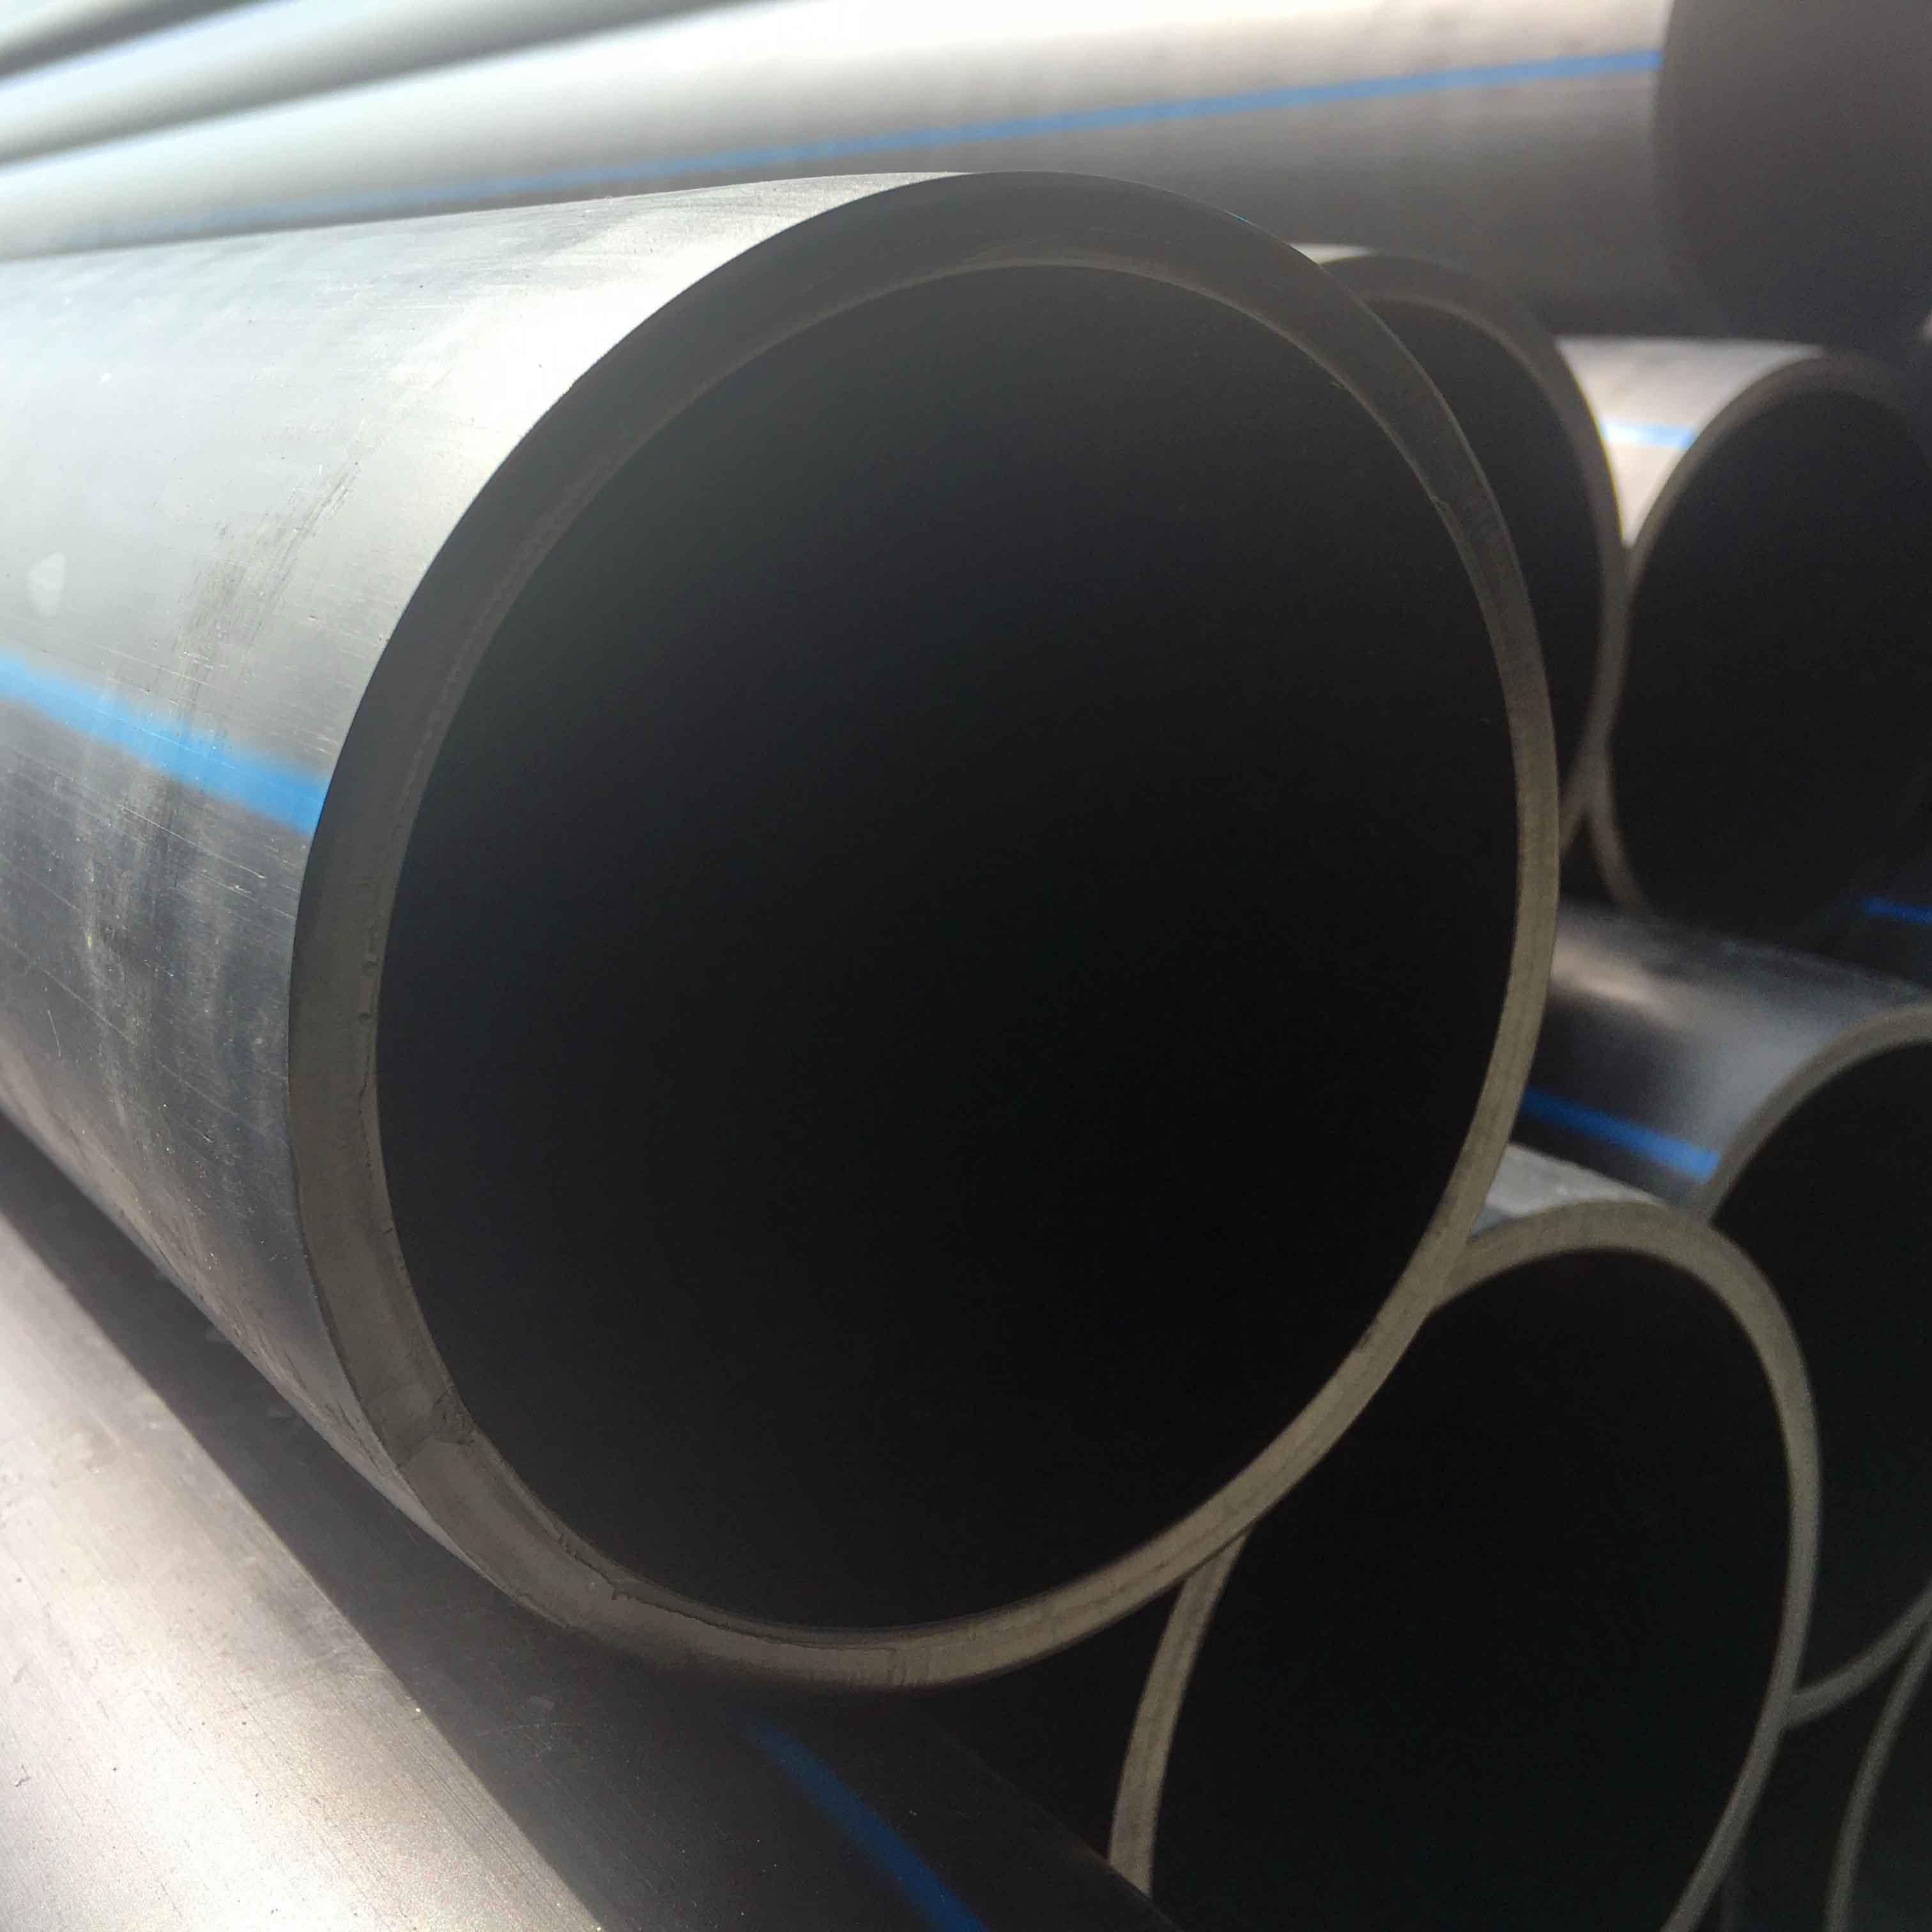 高层建筑塑料给水管道水压试验注意事项